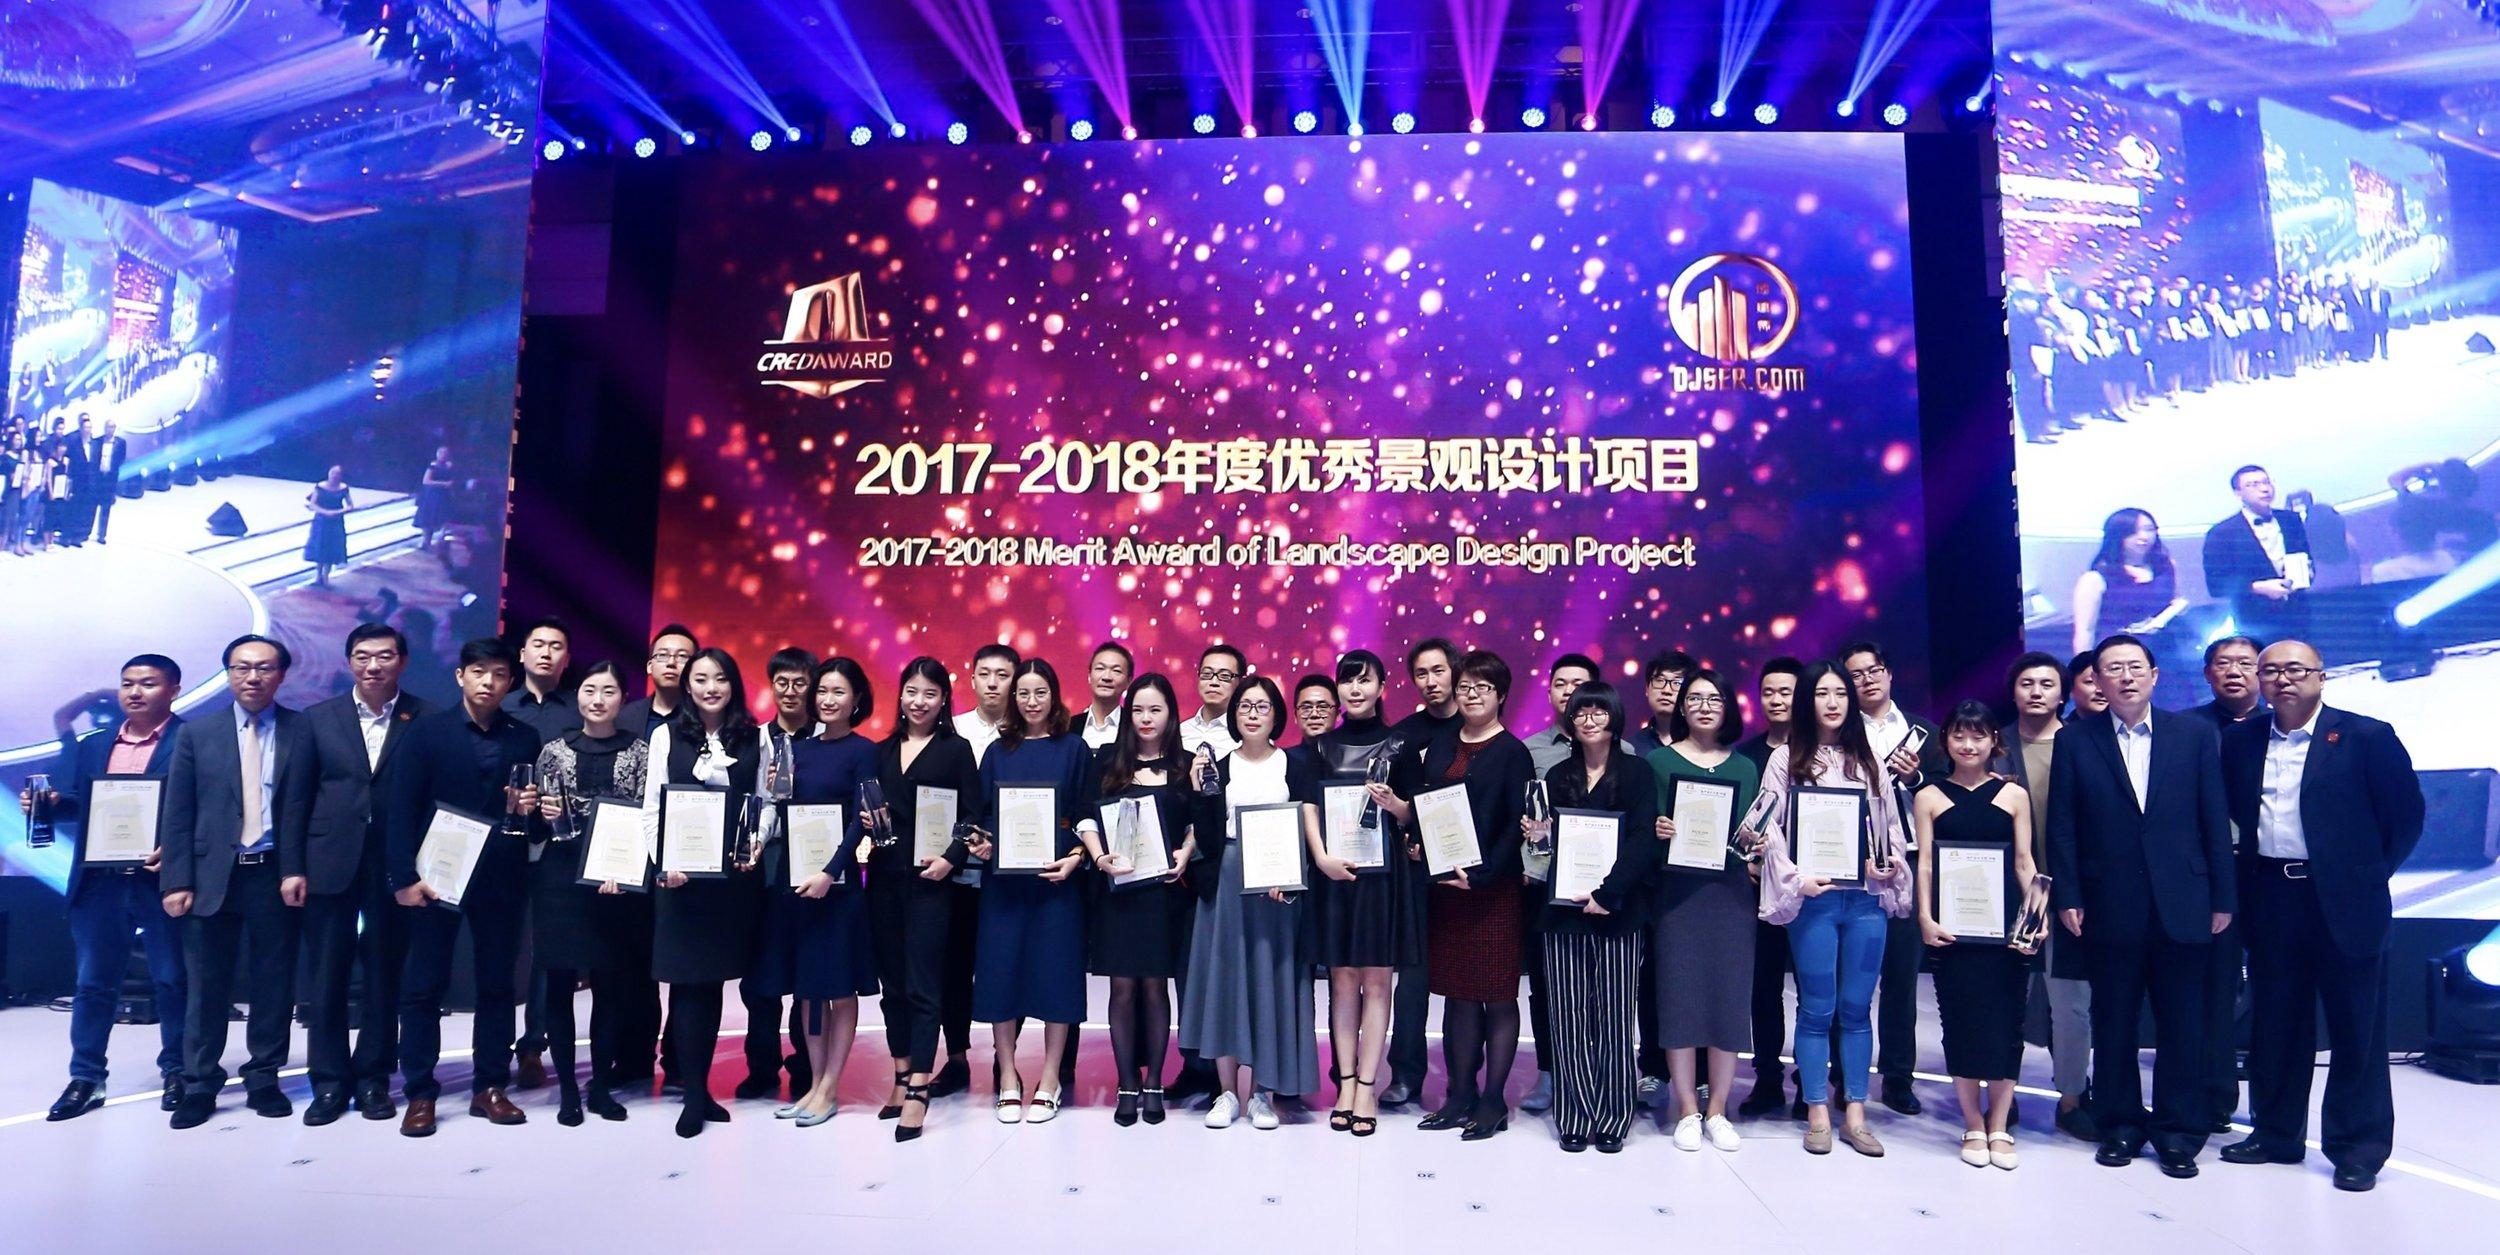 2017-2018 Merit Award of landscape Design Project